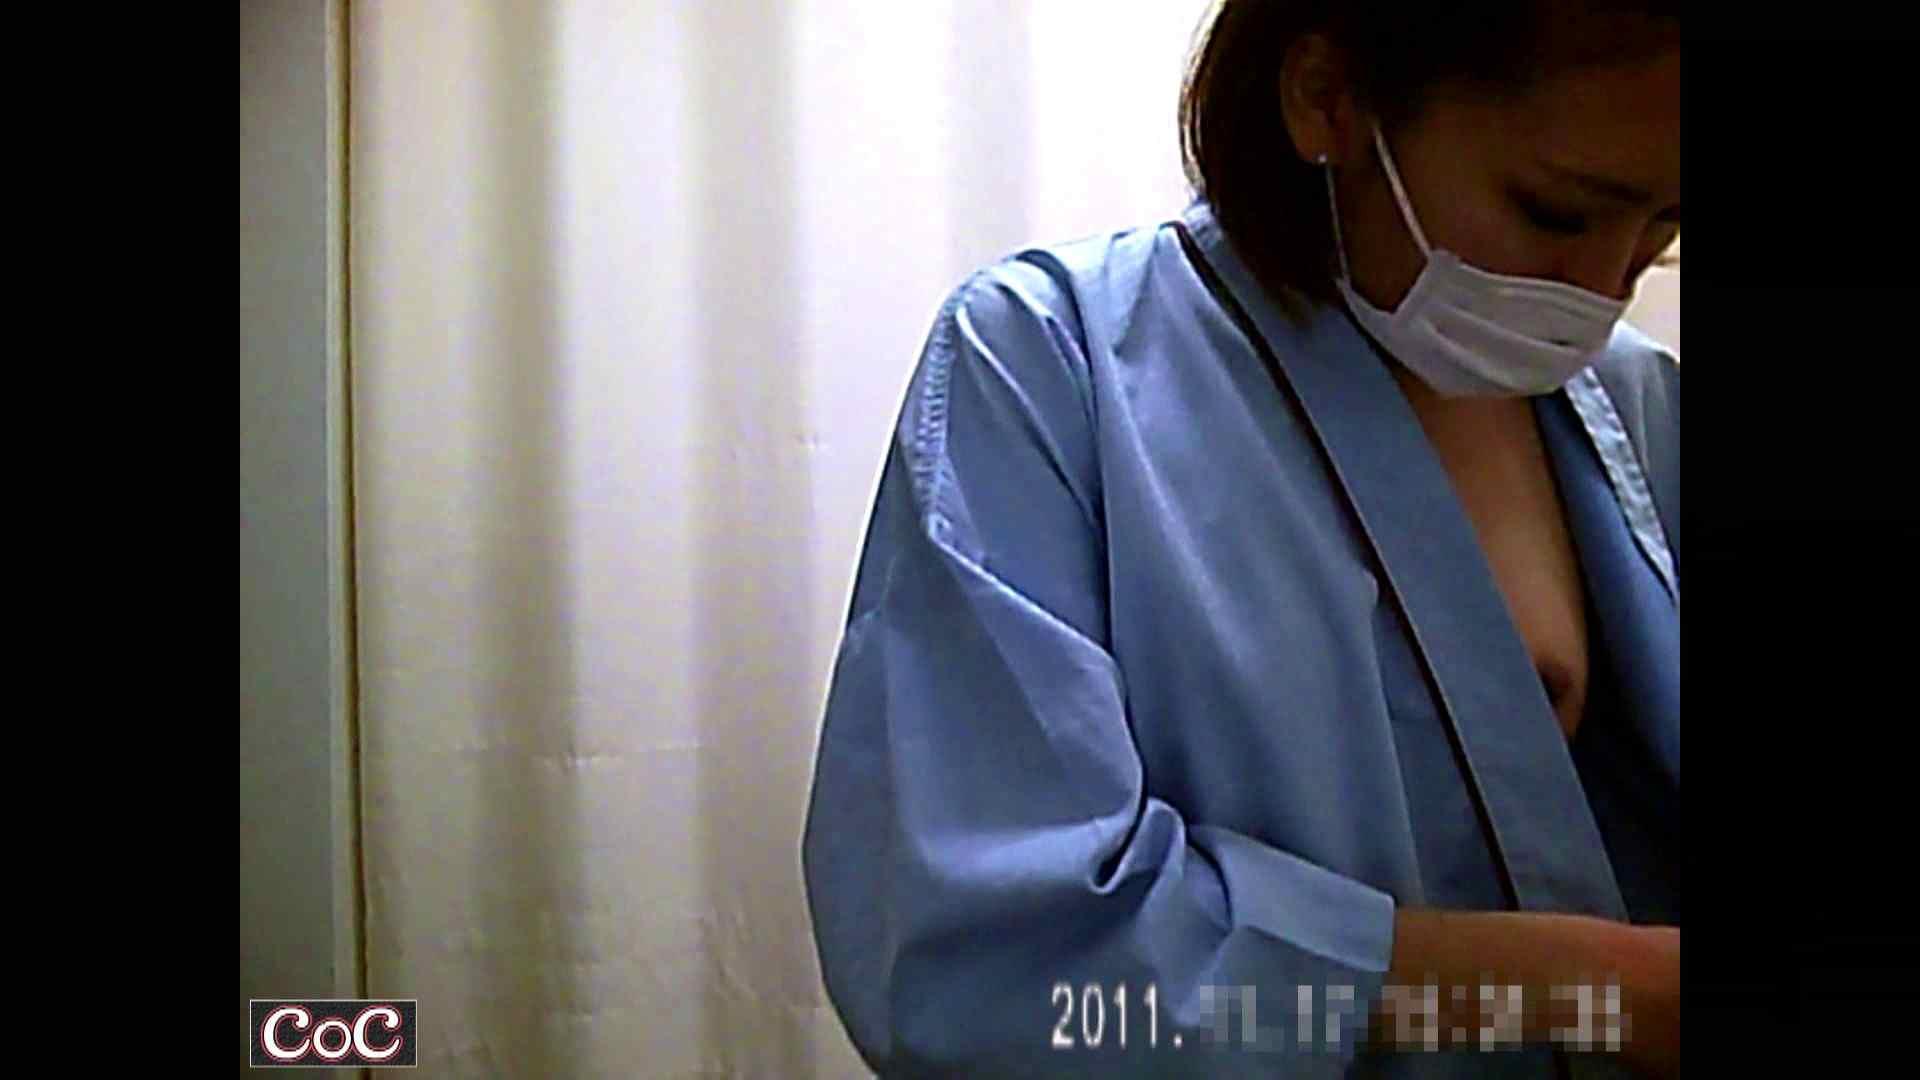 病院おもいっきり着替え! vol.96 乳首 オマンコ無修正動画無料 65PIX 46